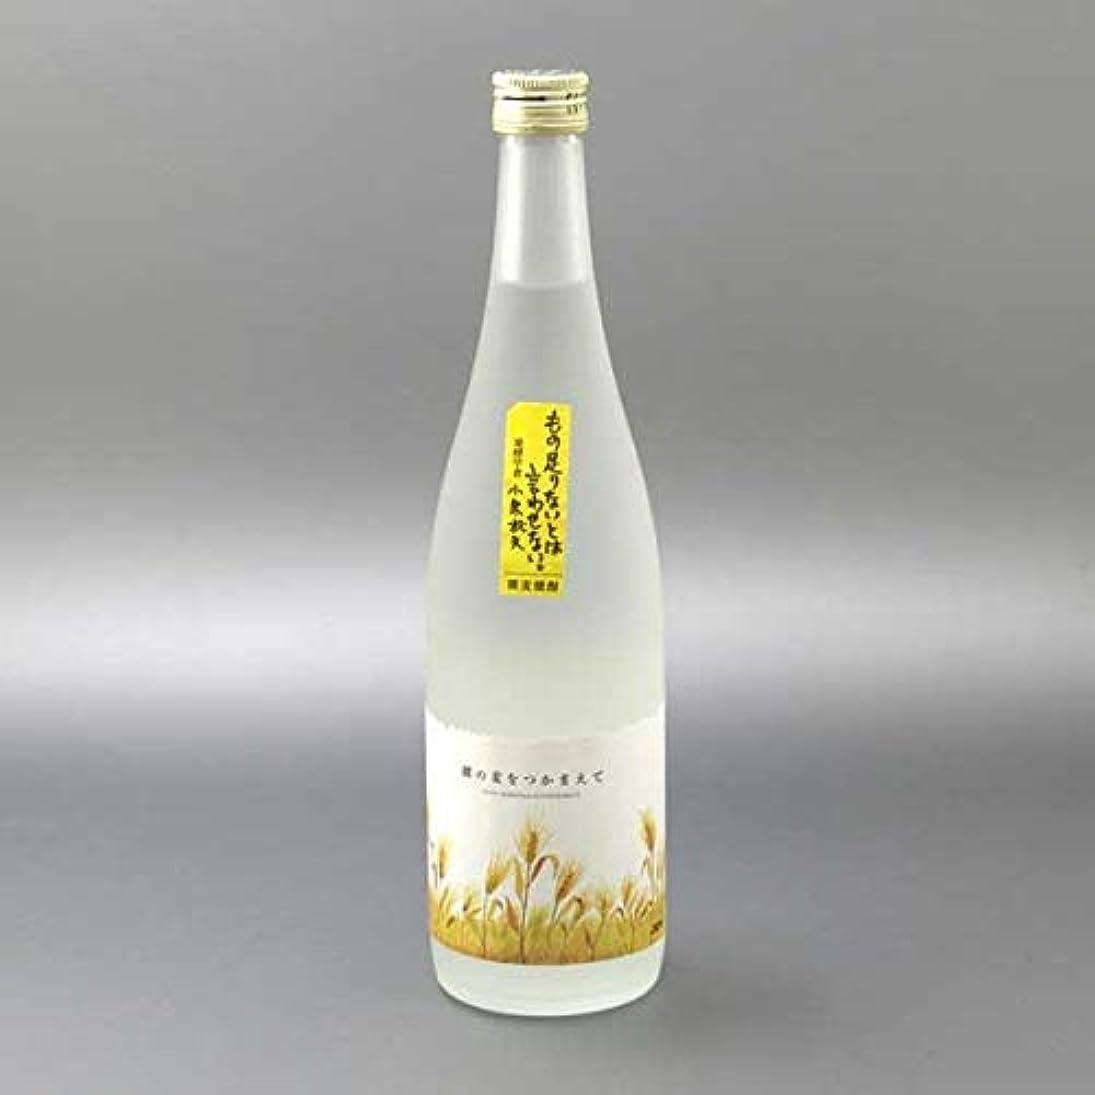 つかむ似ている祝福する裸の麦をつかまえて 1800ml 桜うずまき酒造